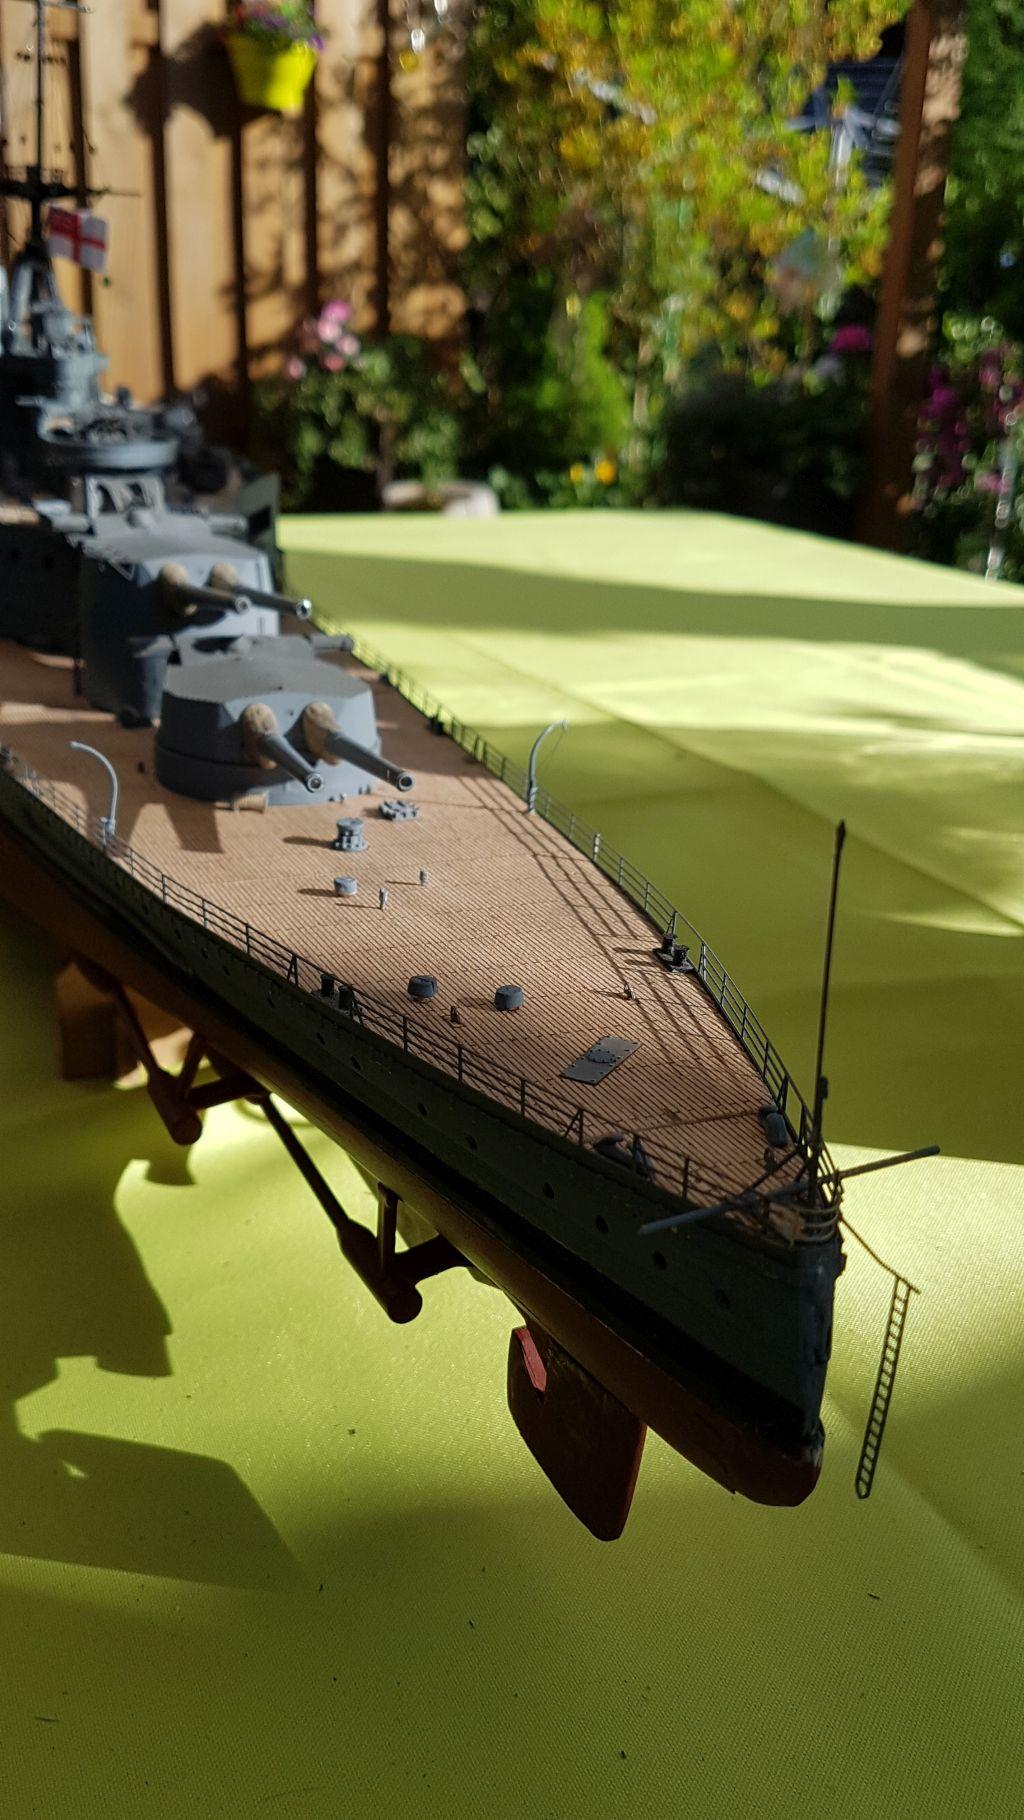 HMS HOOD 1:200 von Hachette gebaut von arrowsmodell - Seite 10 027_ho10